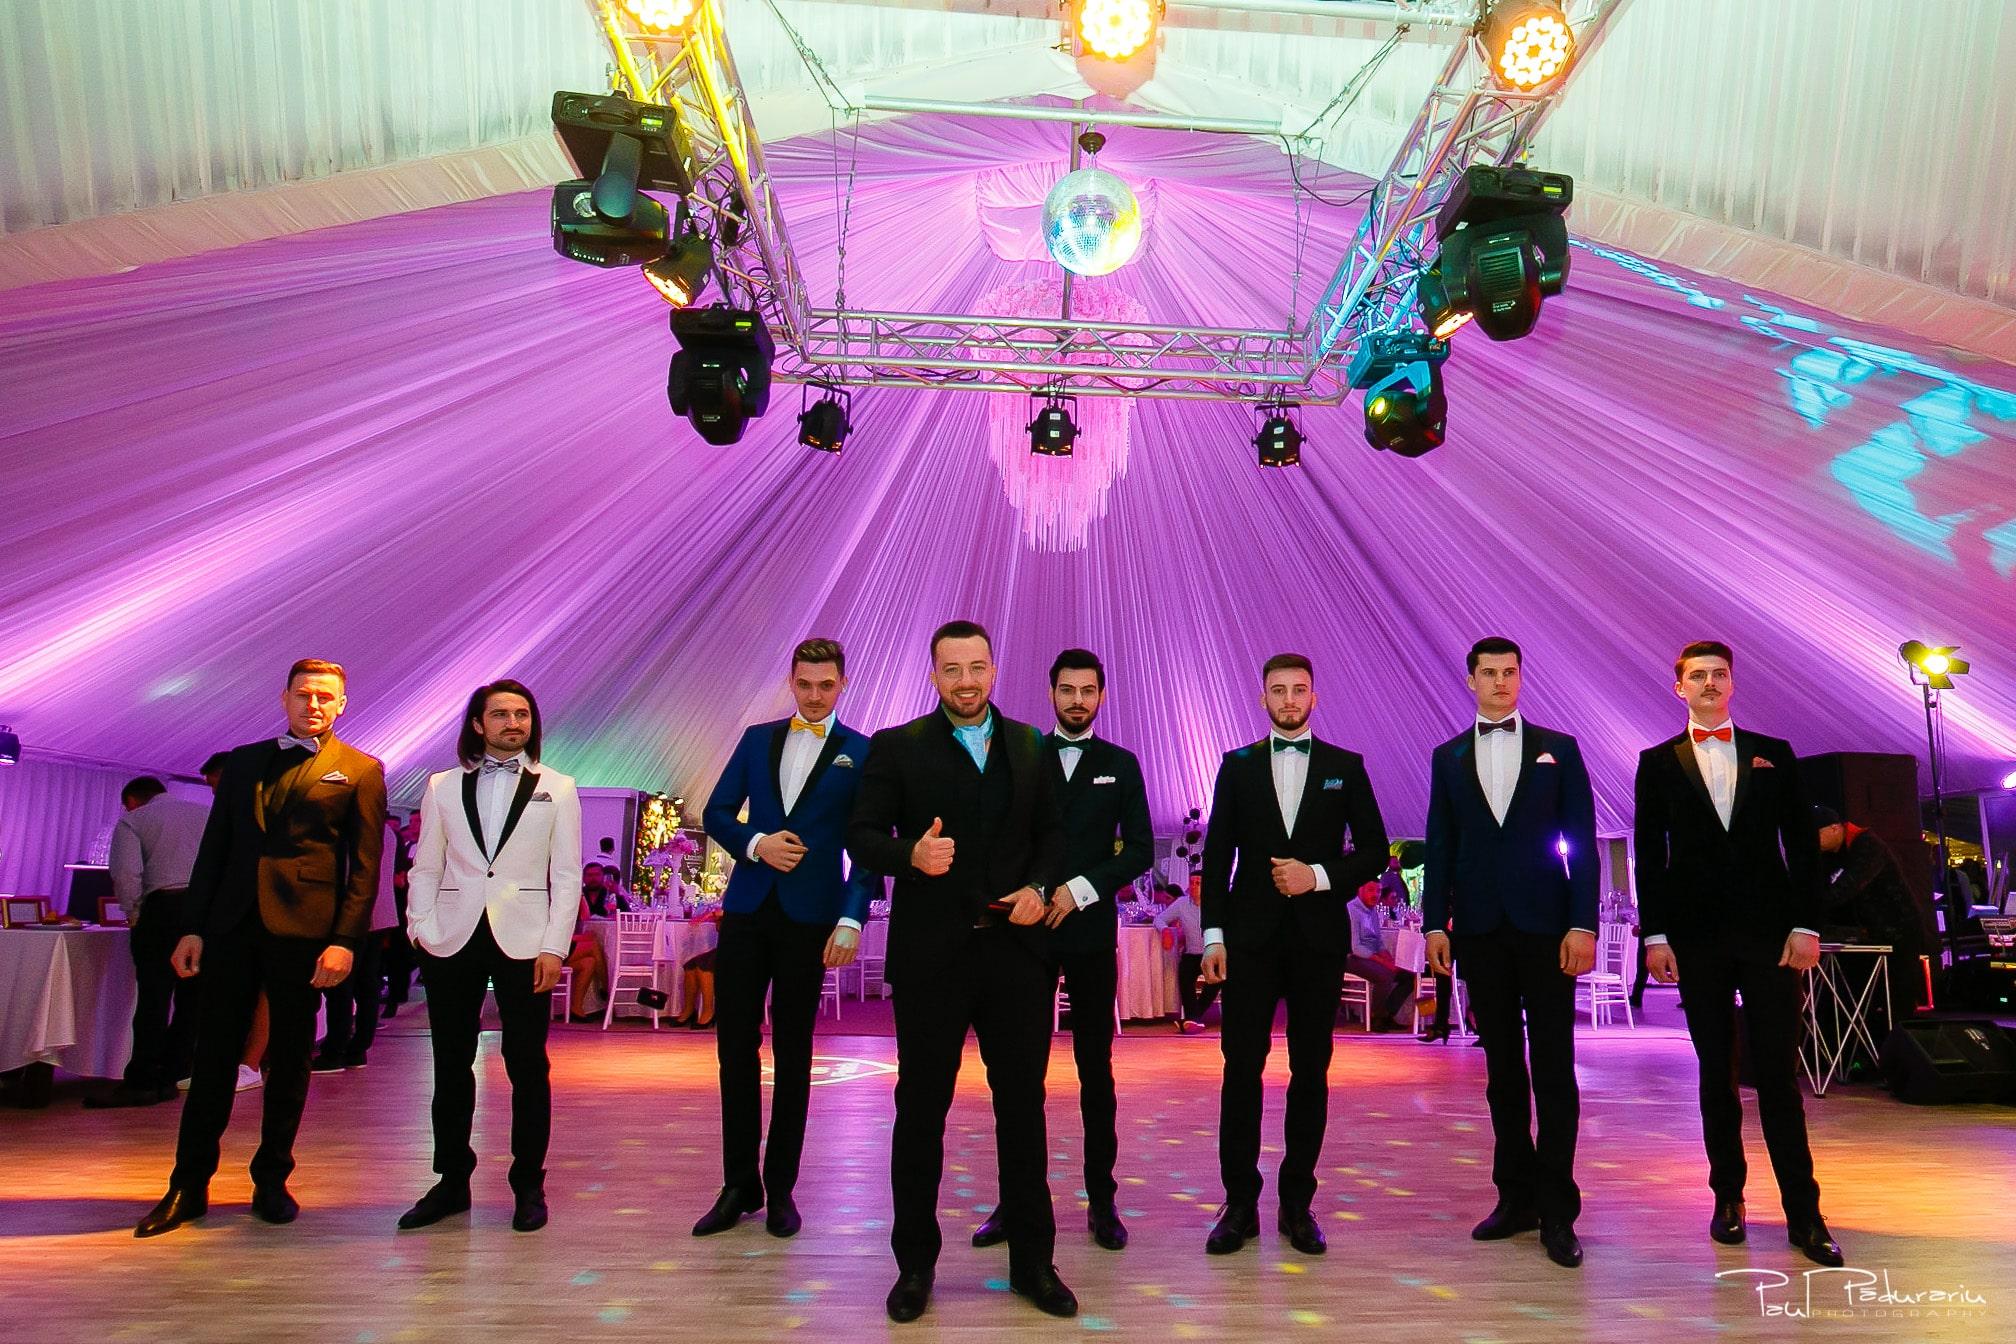 Nunta de proba Elysium Iasi 2019 paul padurariu fotograf nunta Iasi 99